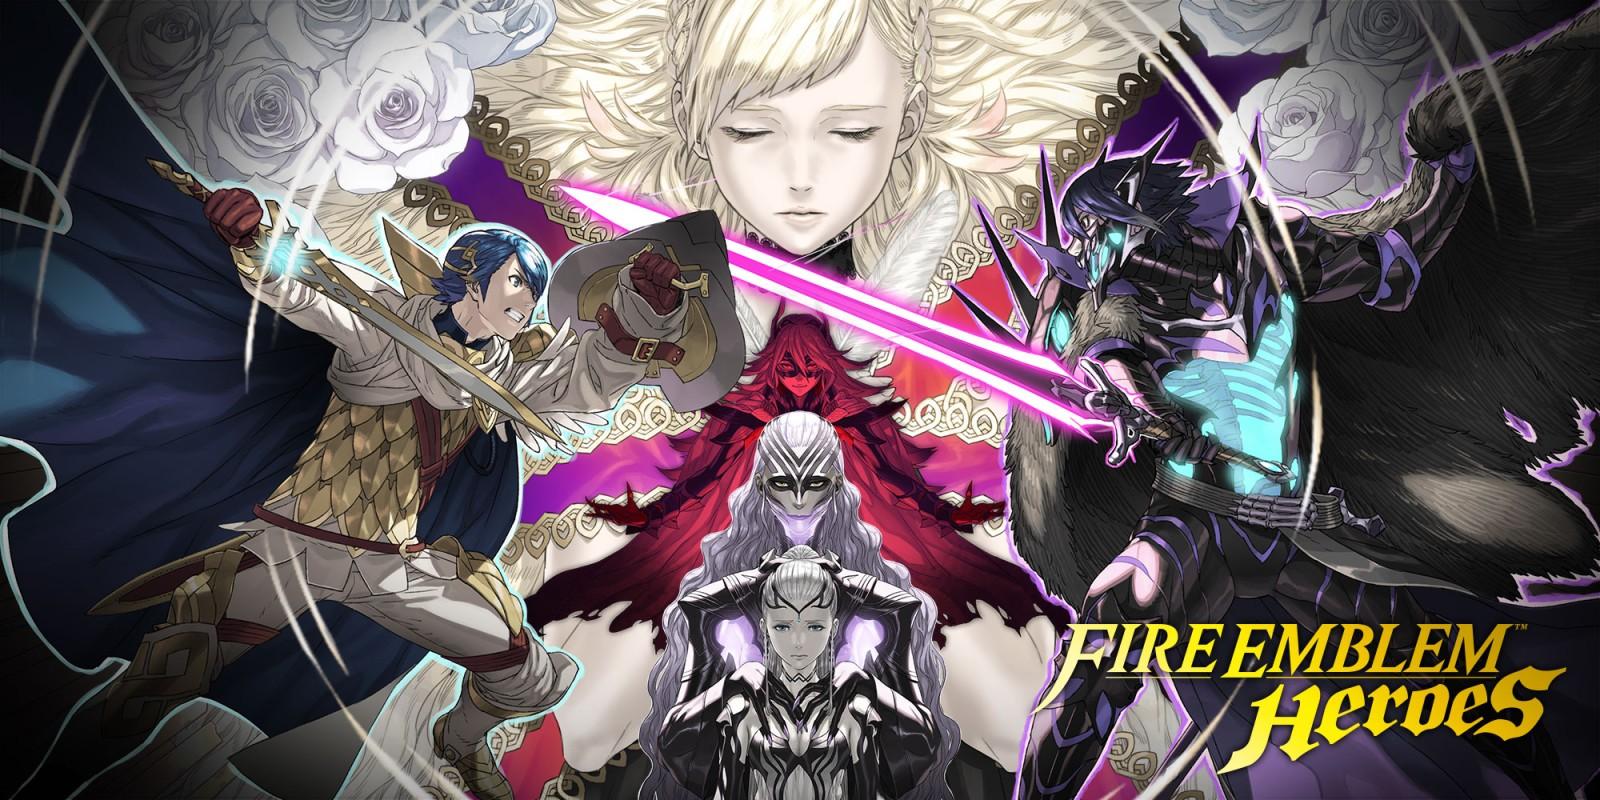 [Mobile] Fire Emblem Heroes ganhará tradução para o português do Brasil em fevereiro